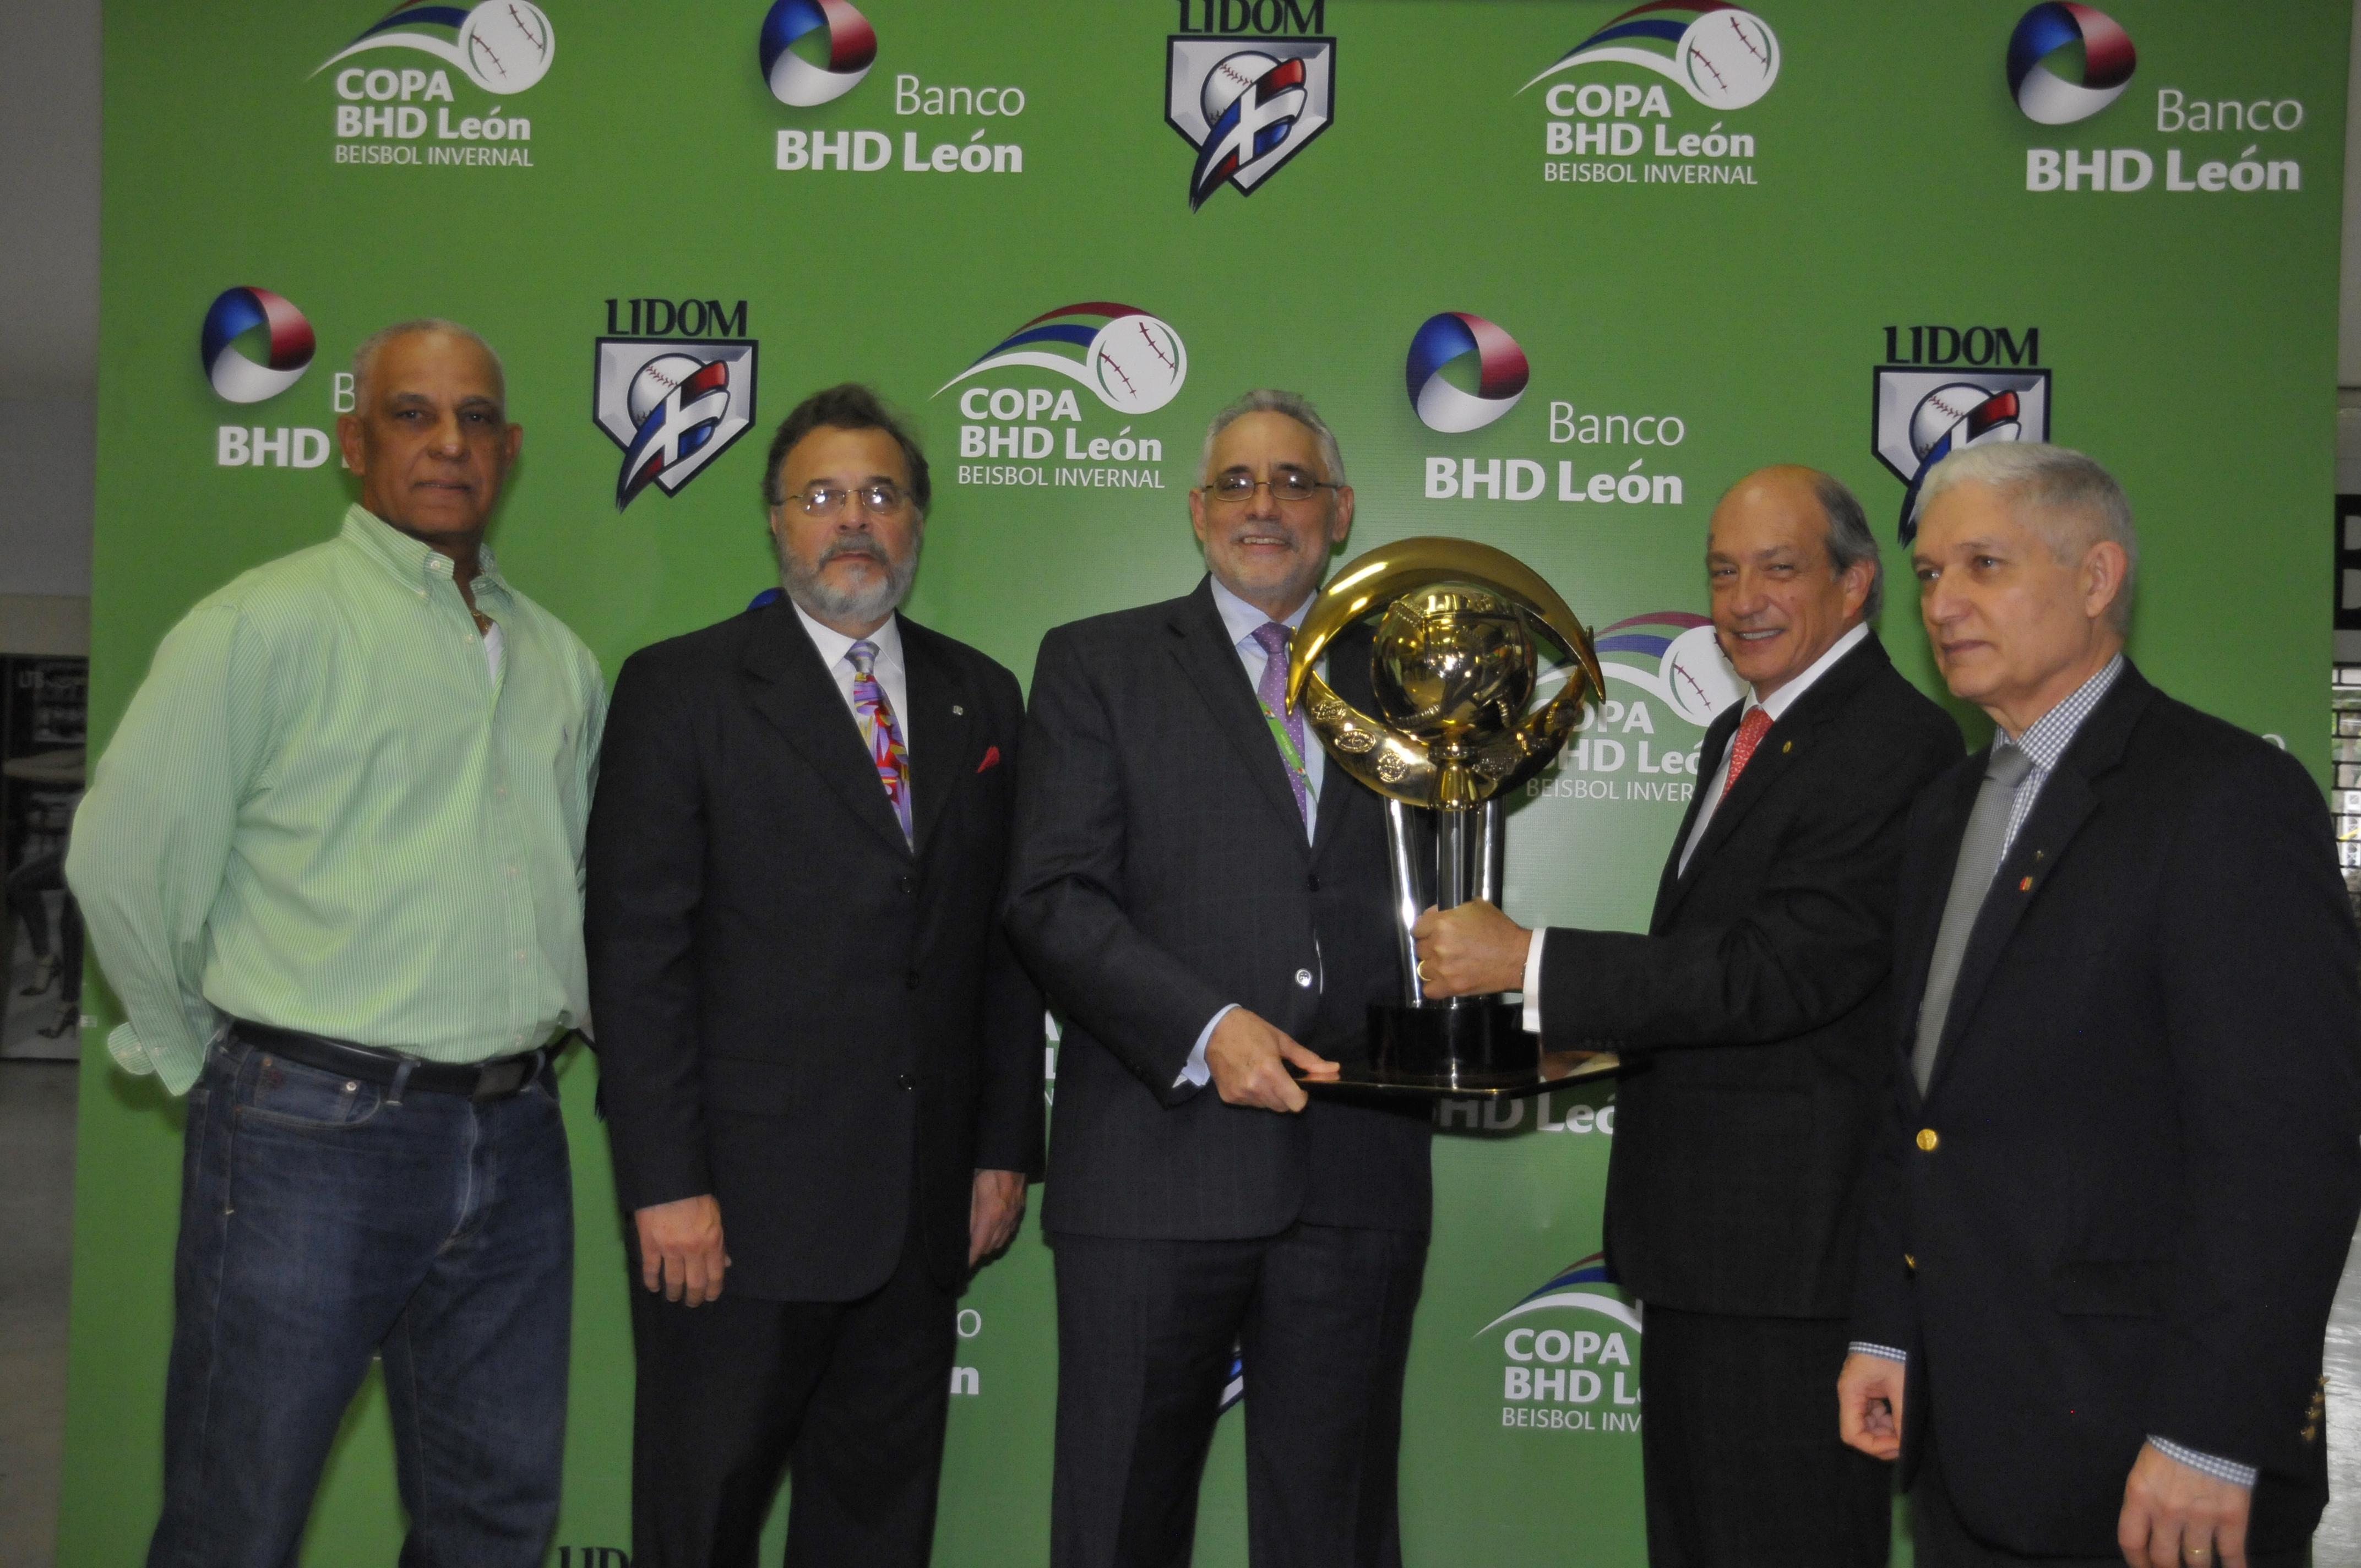 LIDOM y el Banco BHD León presentan copa torneo béisbol